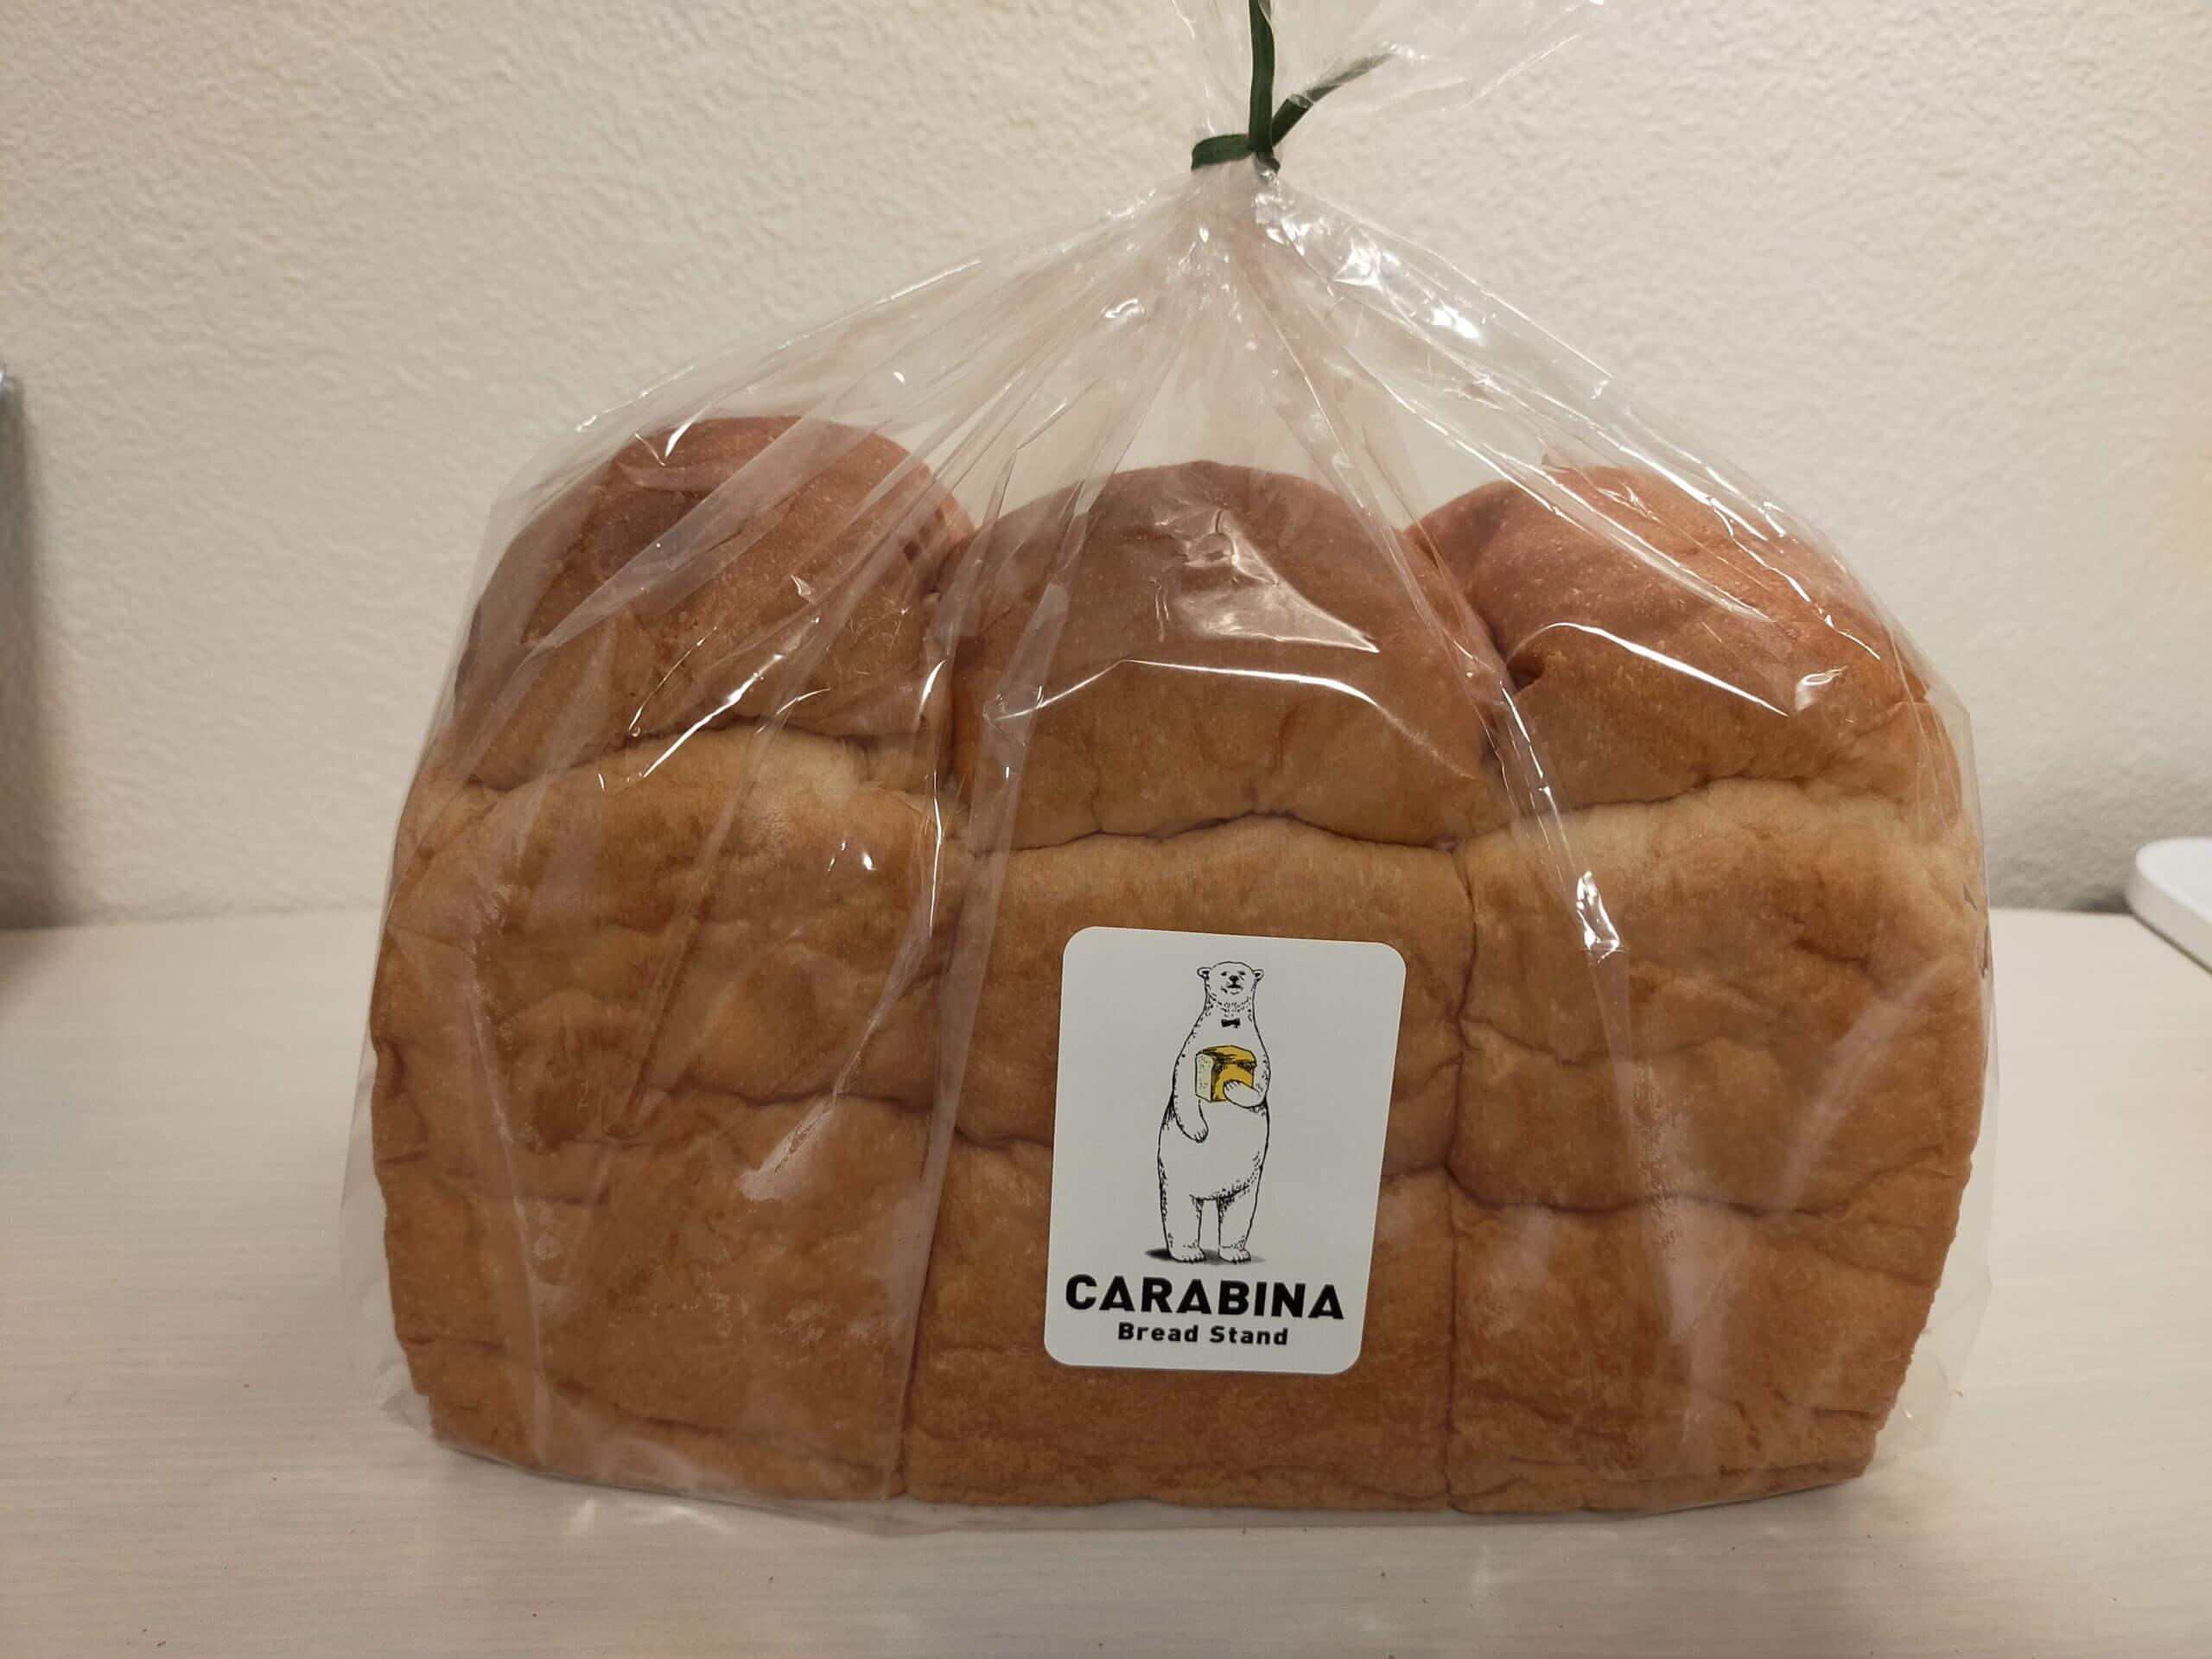 パンづくしの1日/やわらか仕込みロールパン/カラビナブレッドスタンドの食パン